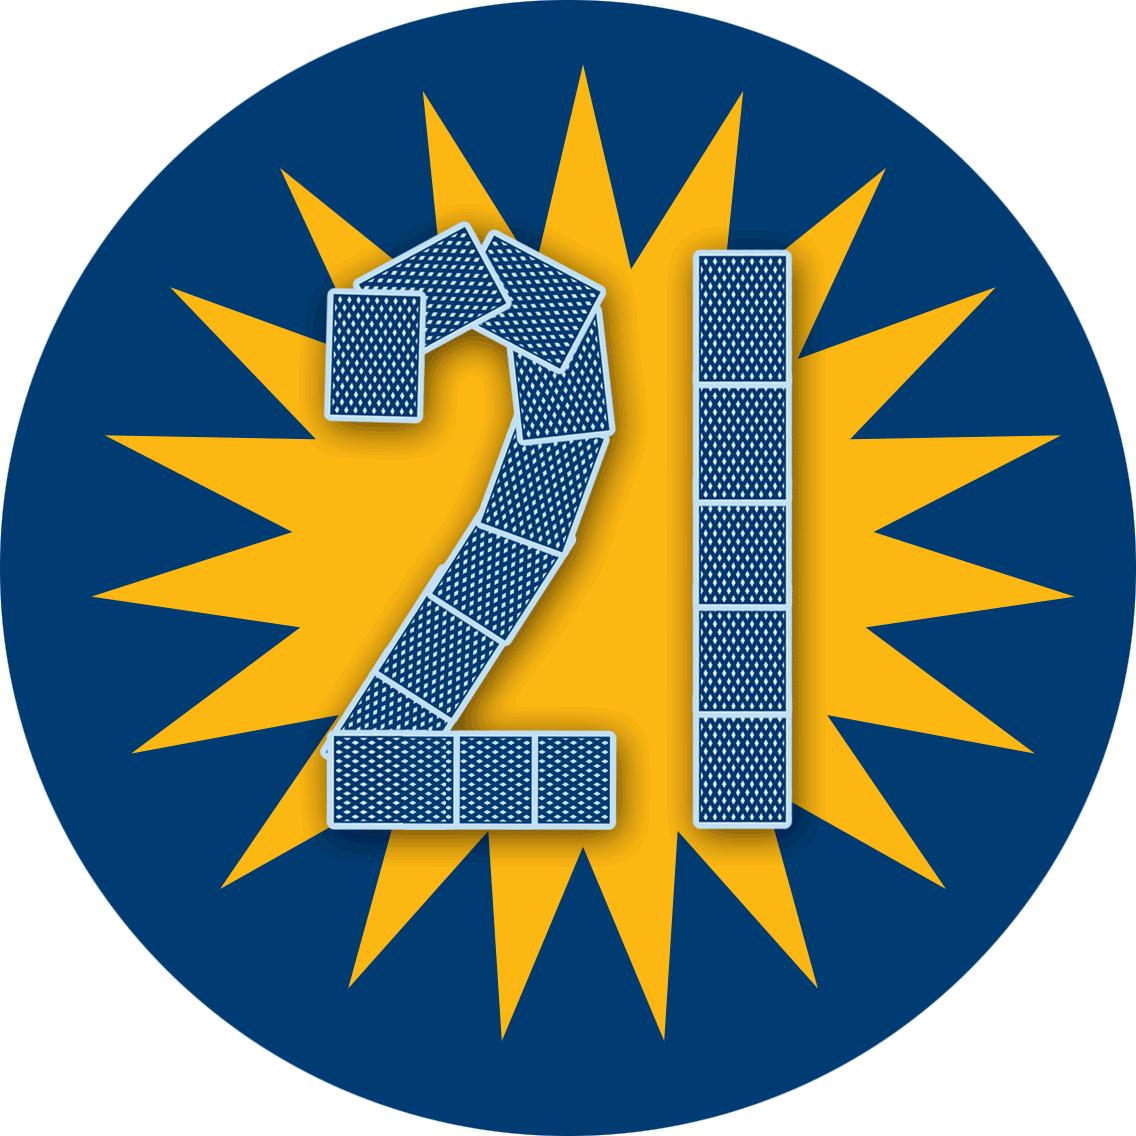 以卡牌砌成的「21」,背後有一個星狀特別獎金標誌。